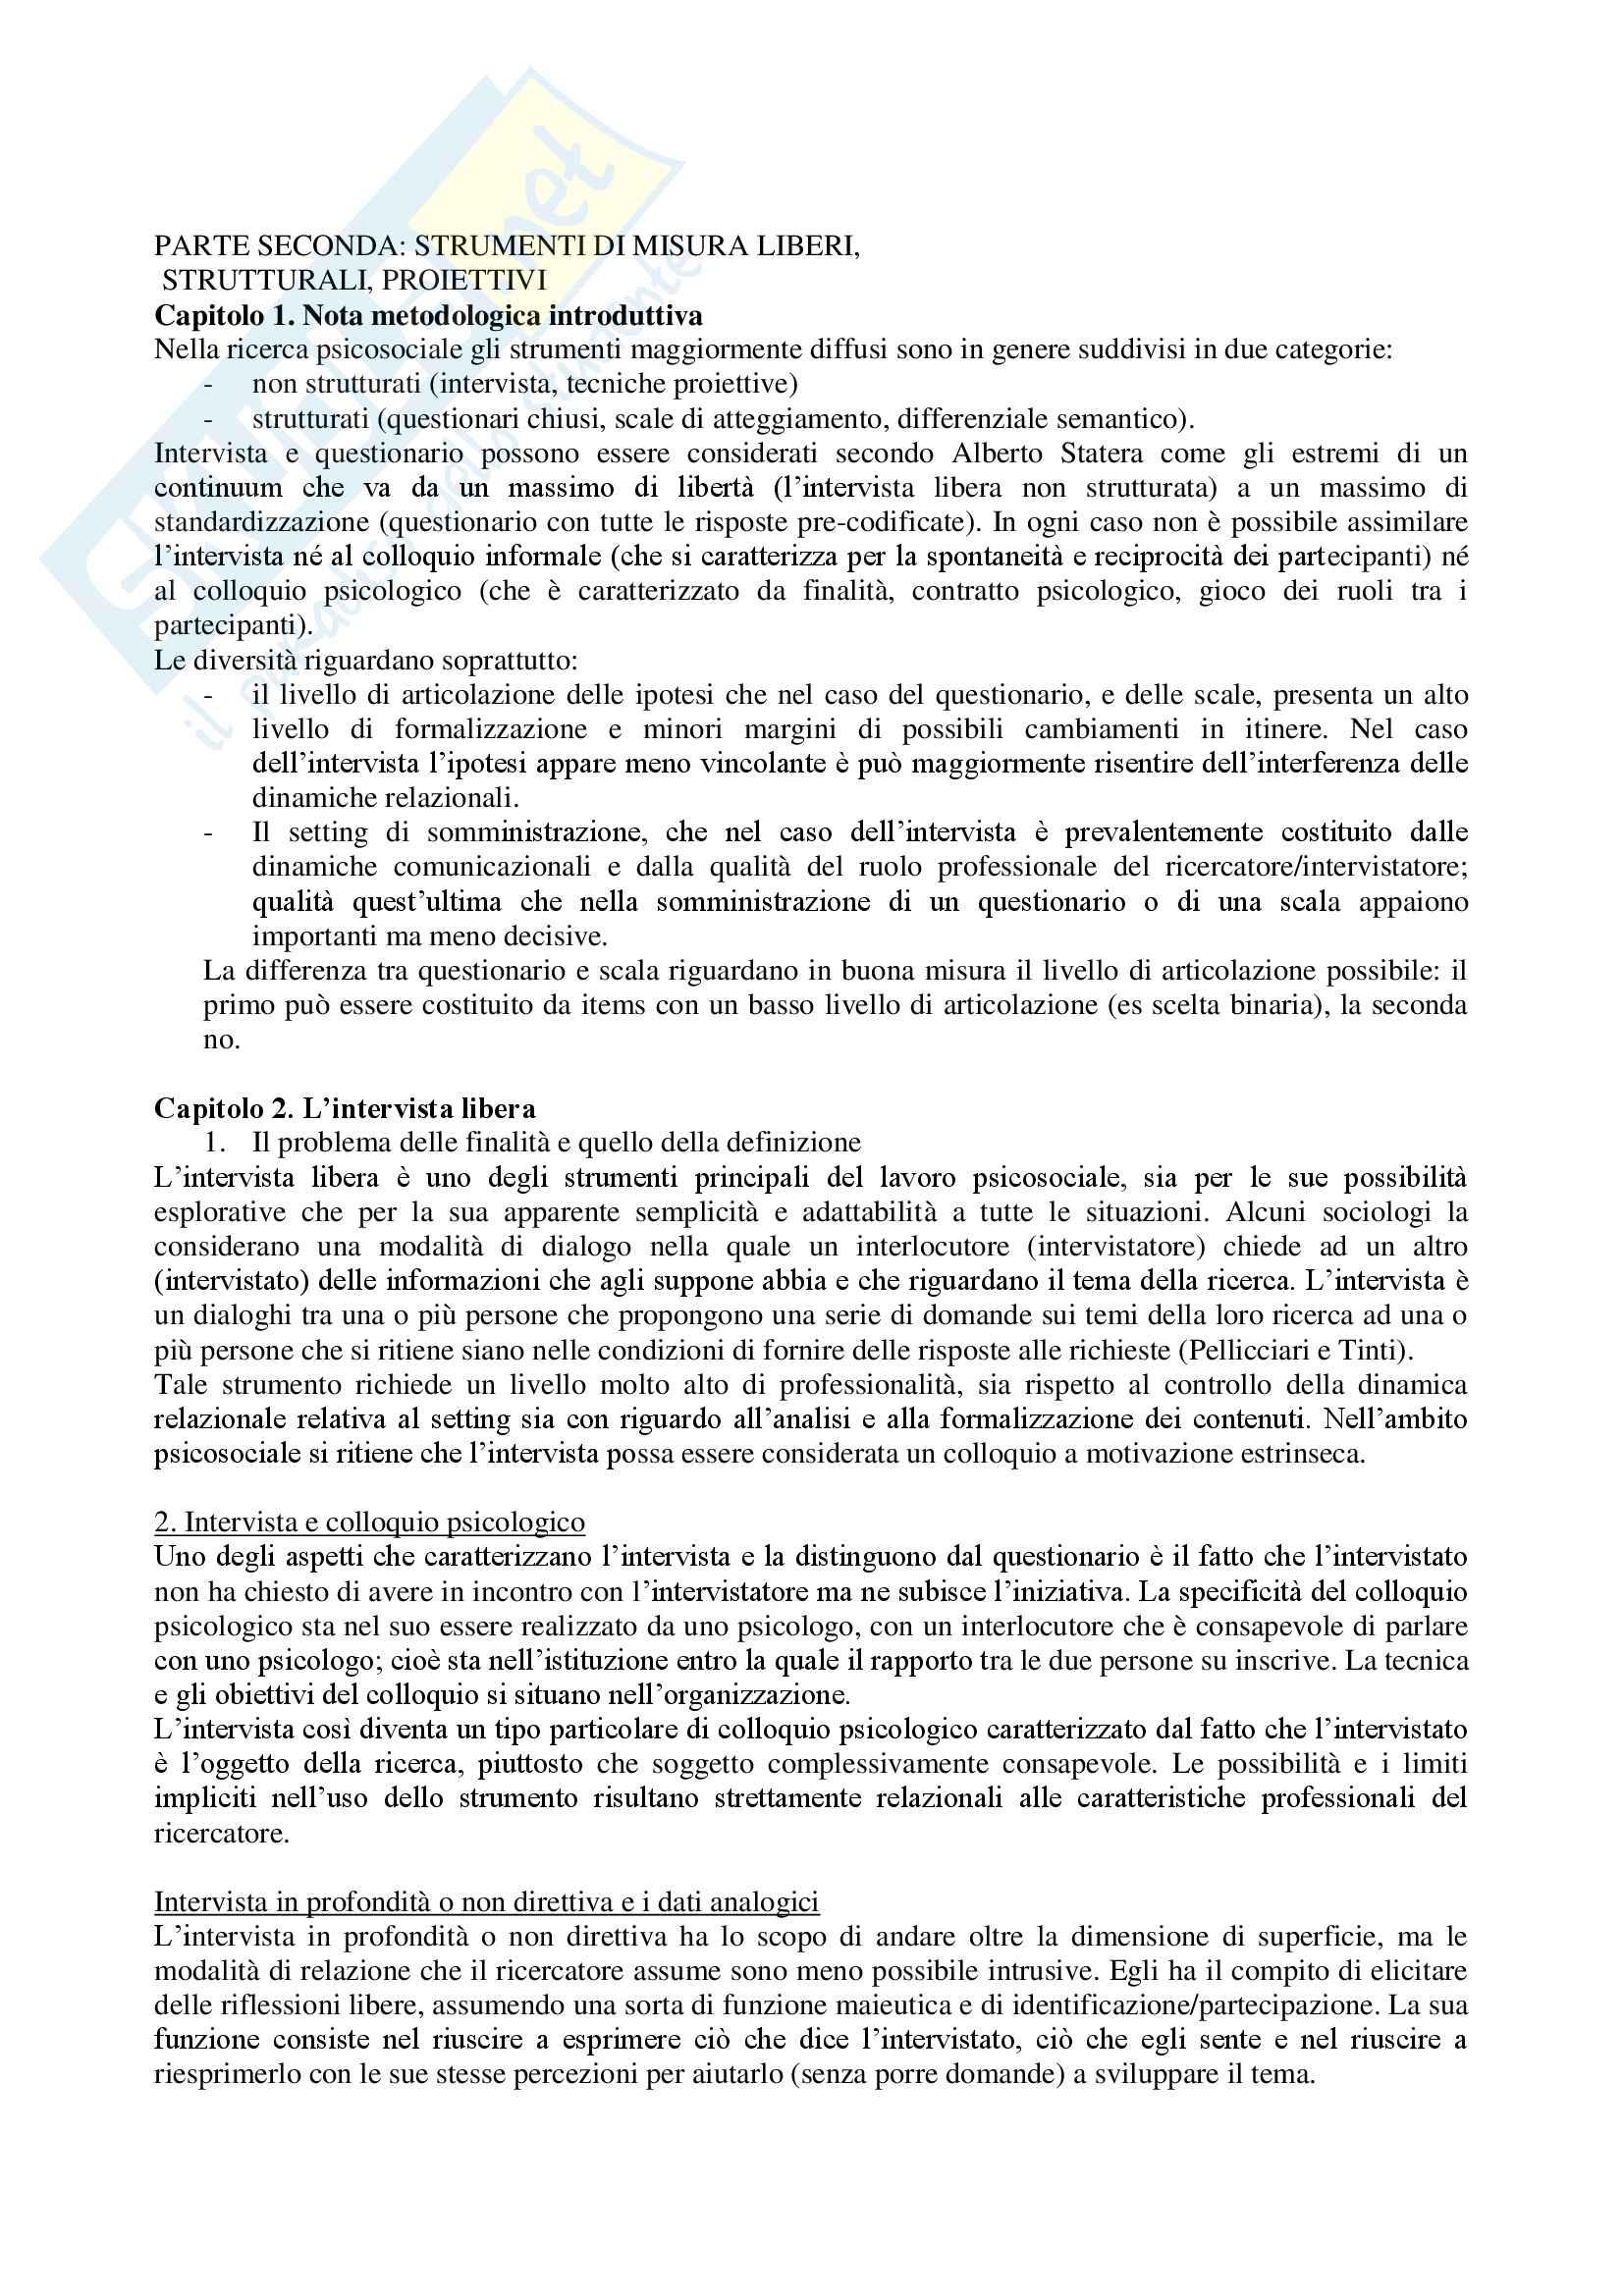 Riassunto esame psicologia dell'intervista e del questionario, Prof. Orazio Licciardello, libro consigliato Gli strumenti psicosociali nella ricerca e nell'intervento. Premesse epistemologiche e dimensioni applicative Pag. 6